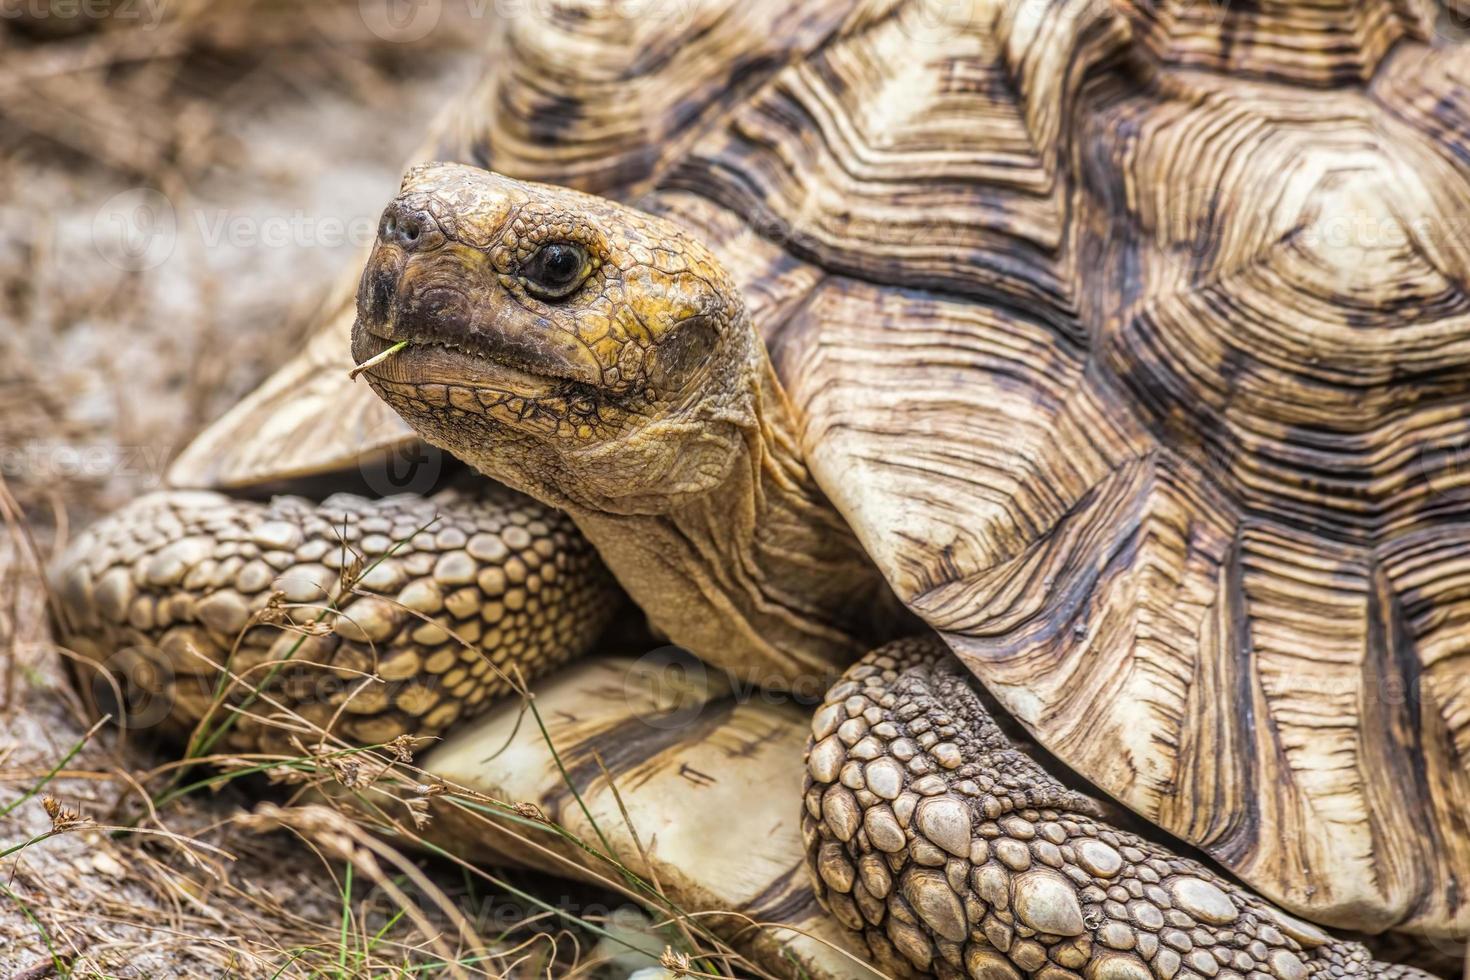 aldabra-reuzenschildpad (aldabrachelys gigantea) foto